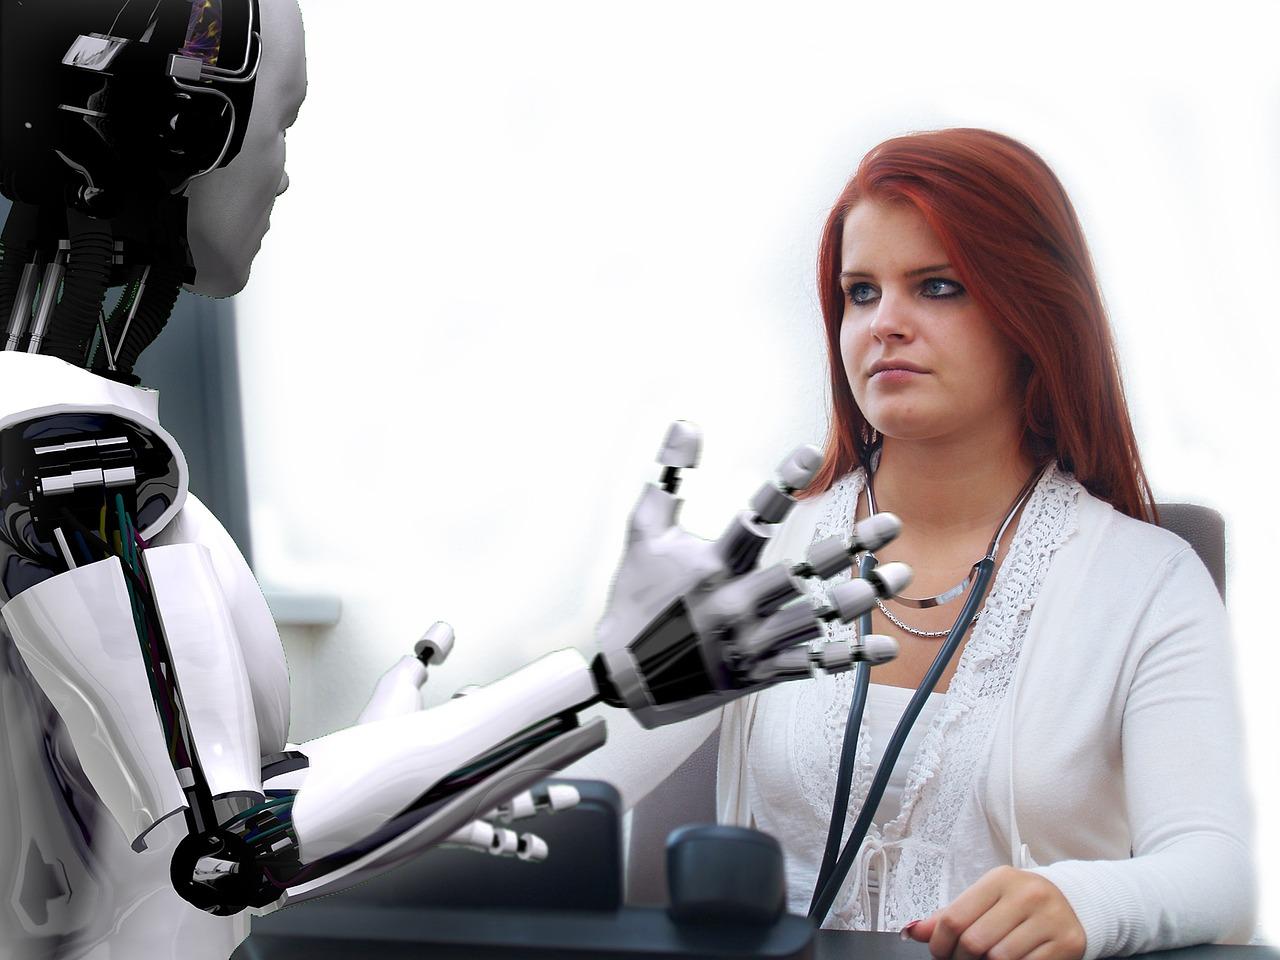 robot przeprowadzi rekrutację pracowników